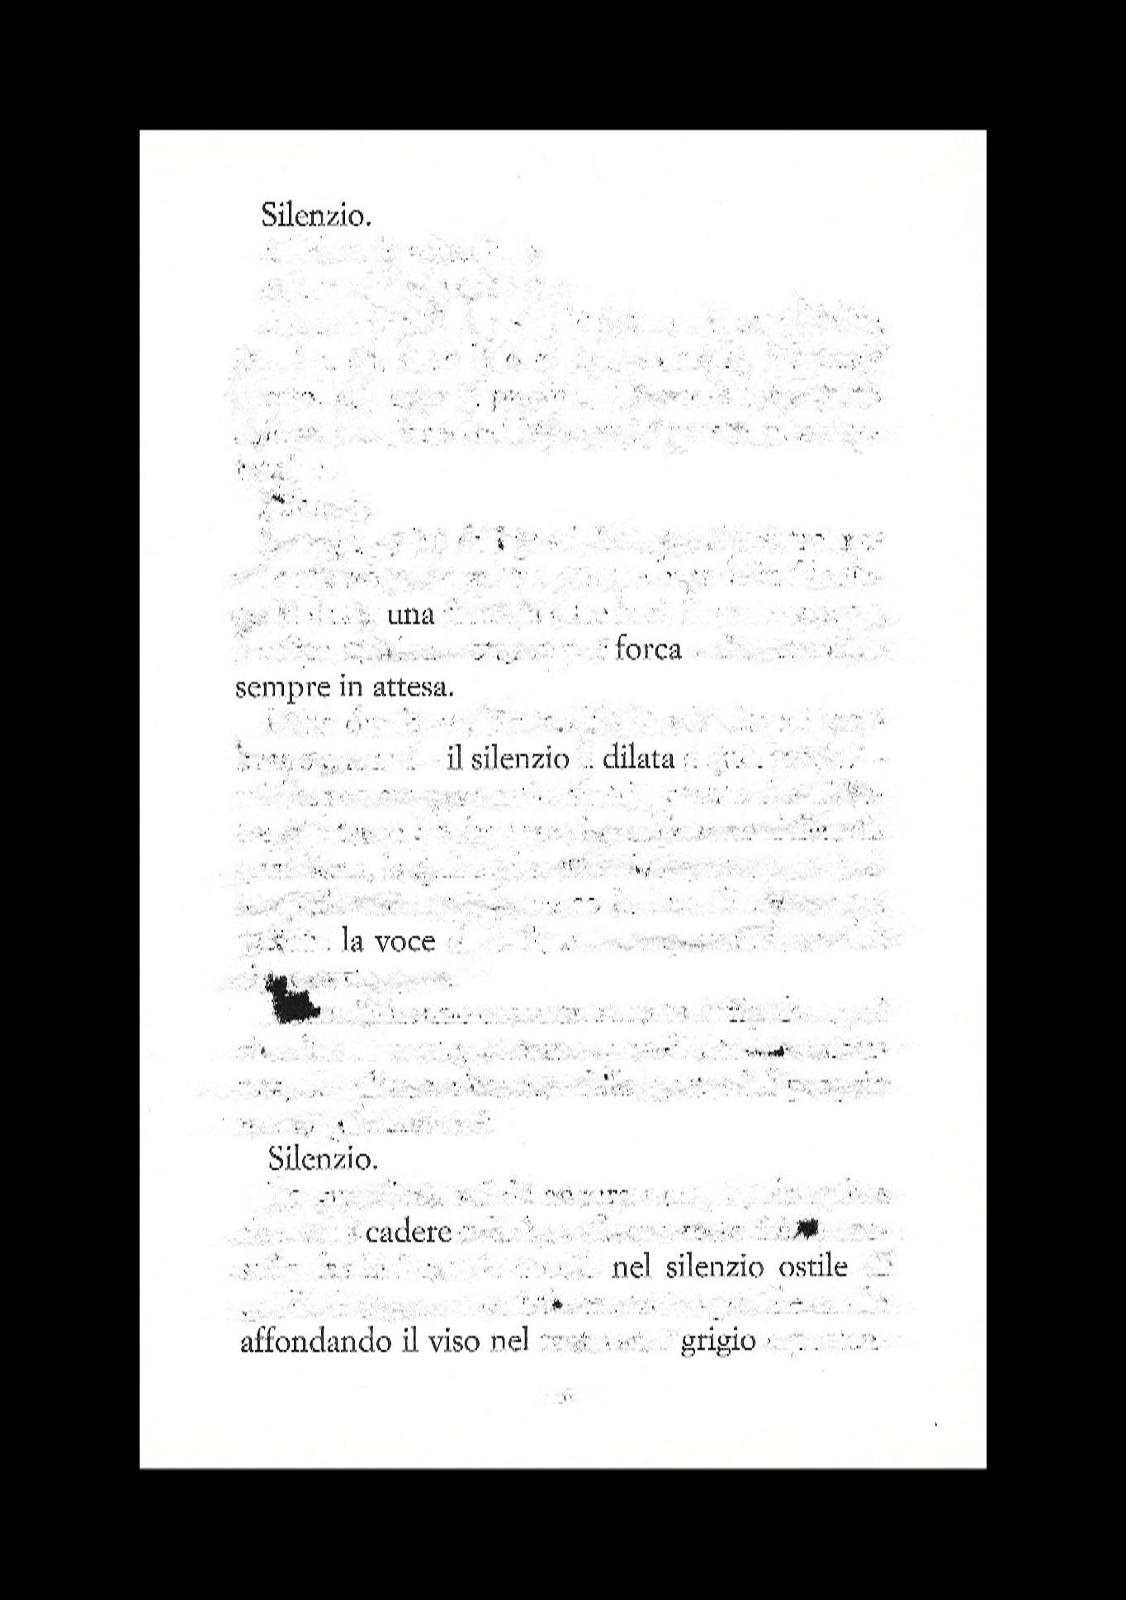 Silenzio - cacciavite su pagina in esilio dal libro - cornice 18x24 - 2021